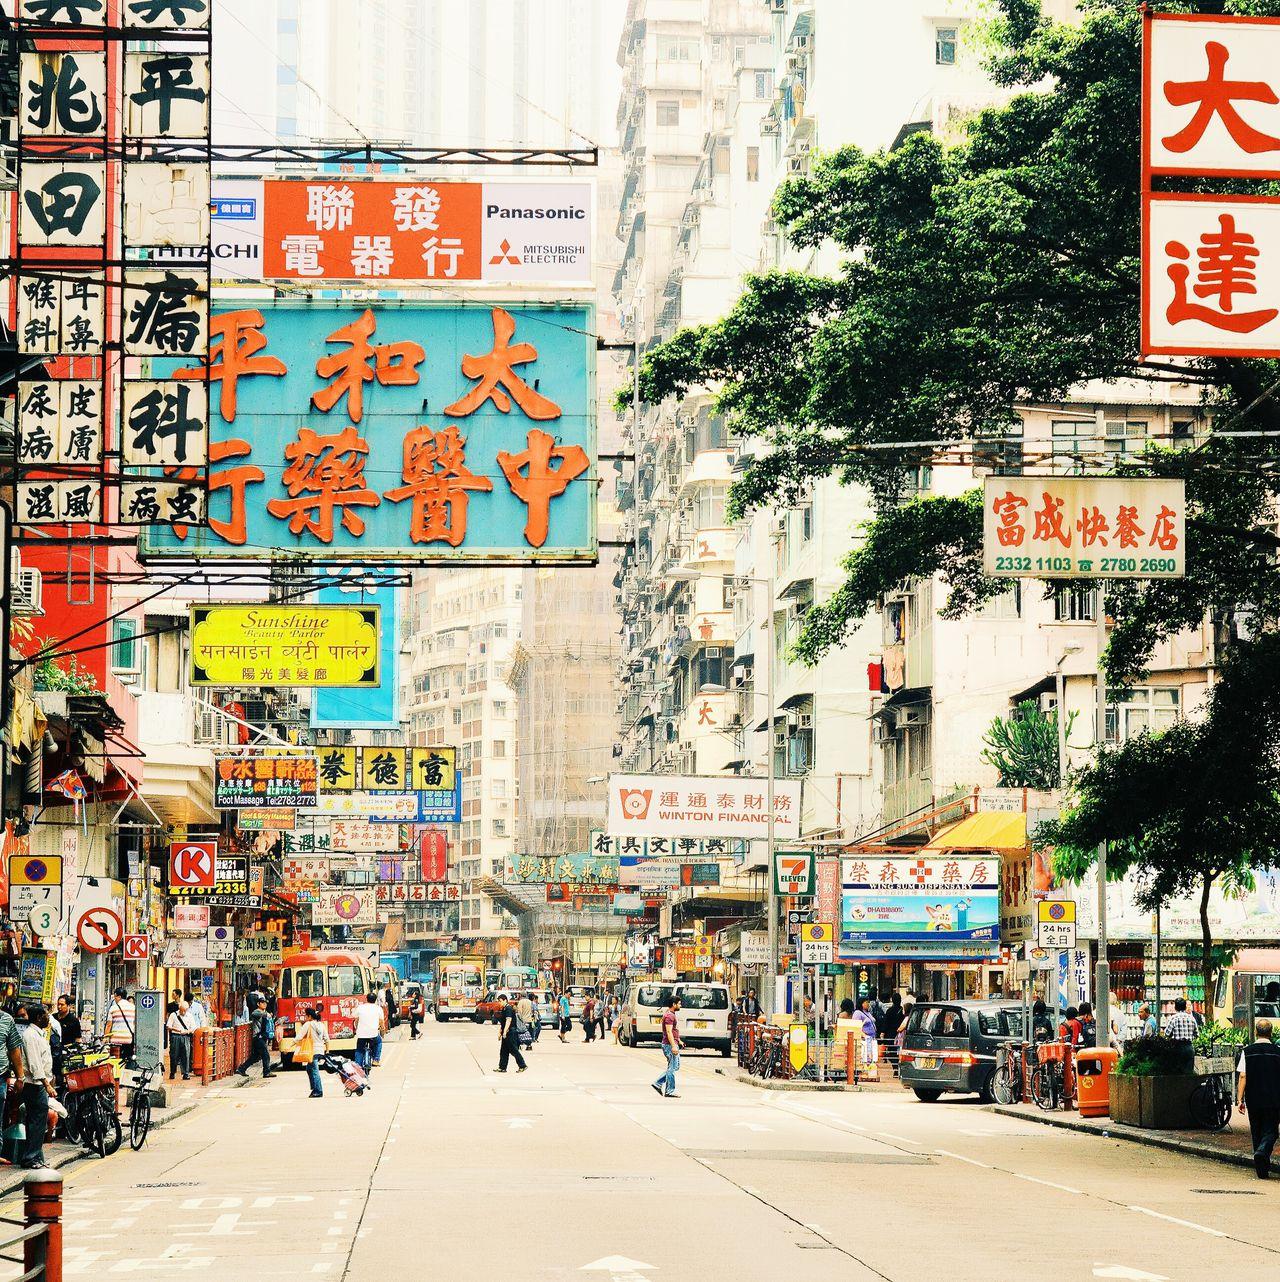 HongKong Hong Kong Hongkong Photos Hongkonger Hong Kong City Hongkongcity Hongkongphotography Hongkongstreet Hongkongcollection Hongkonglife Nathan Road NathanRoad Hongkongisland Street Streetphotography Street Photography Streetphoto_color Street Photo Streetphotography Colors City City Life Outdoors